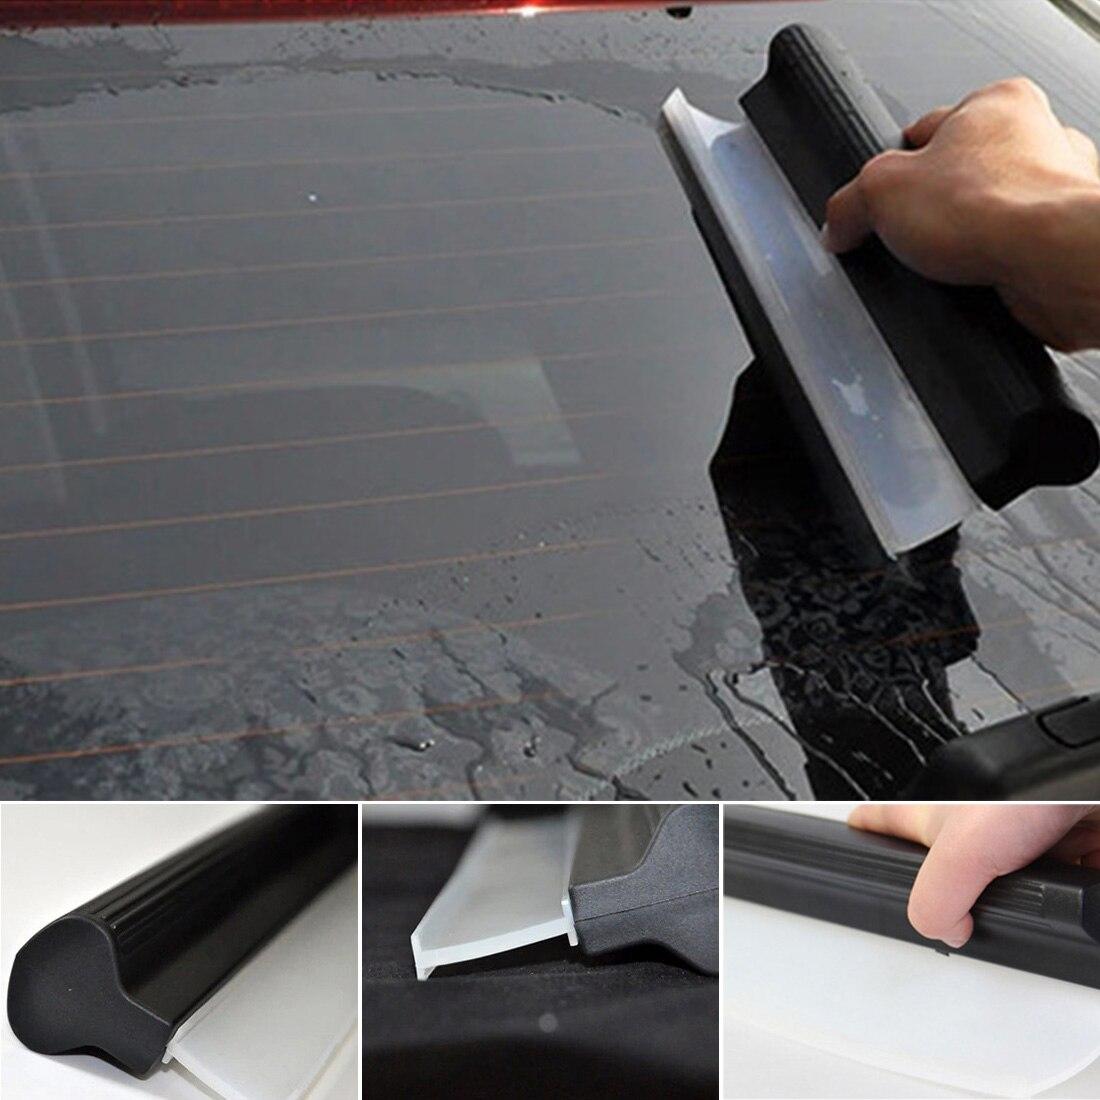 limpador de secagem do carro automatico rodo de limpeza de vidro janela de limpeza do carro